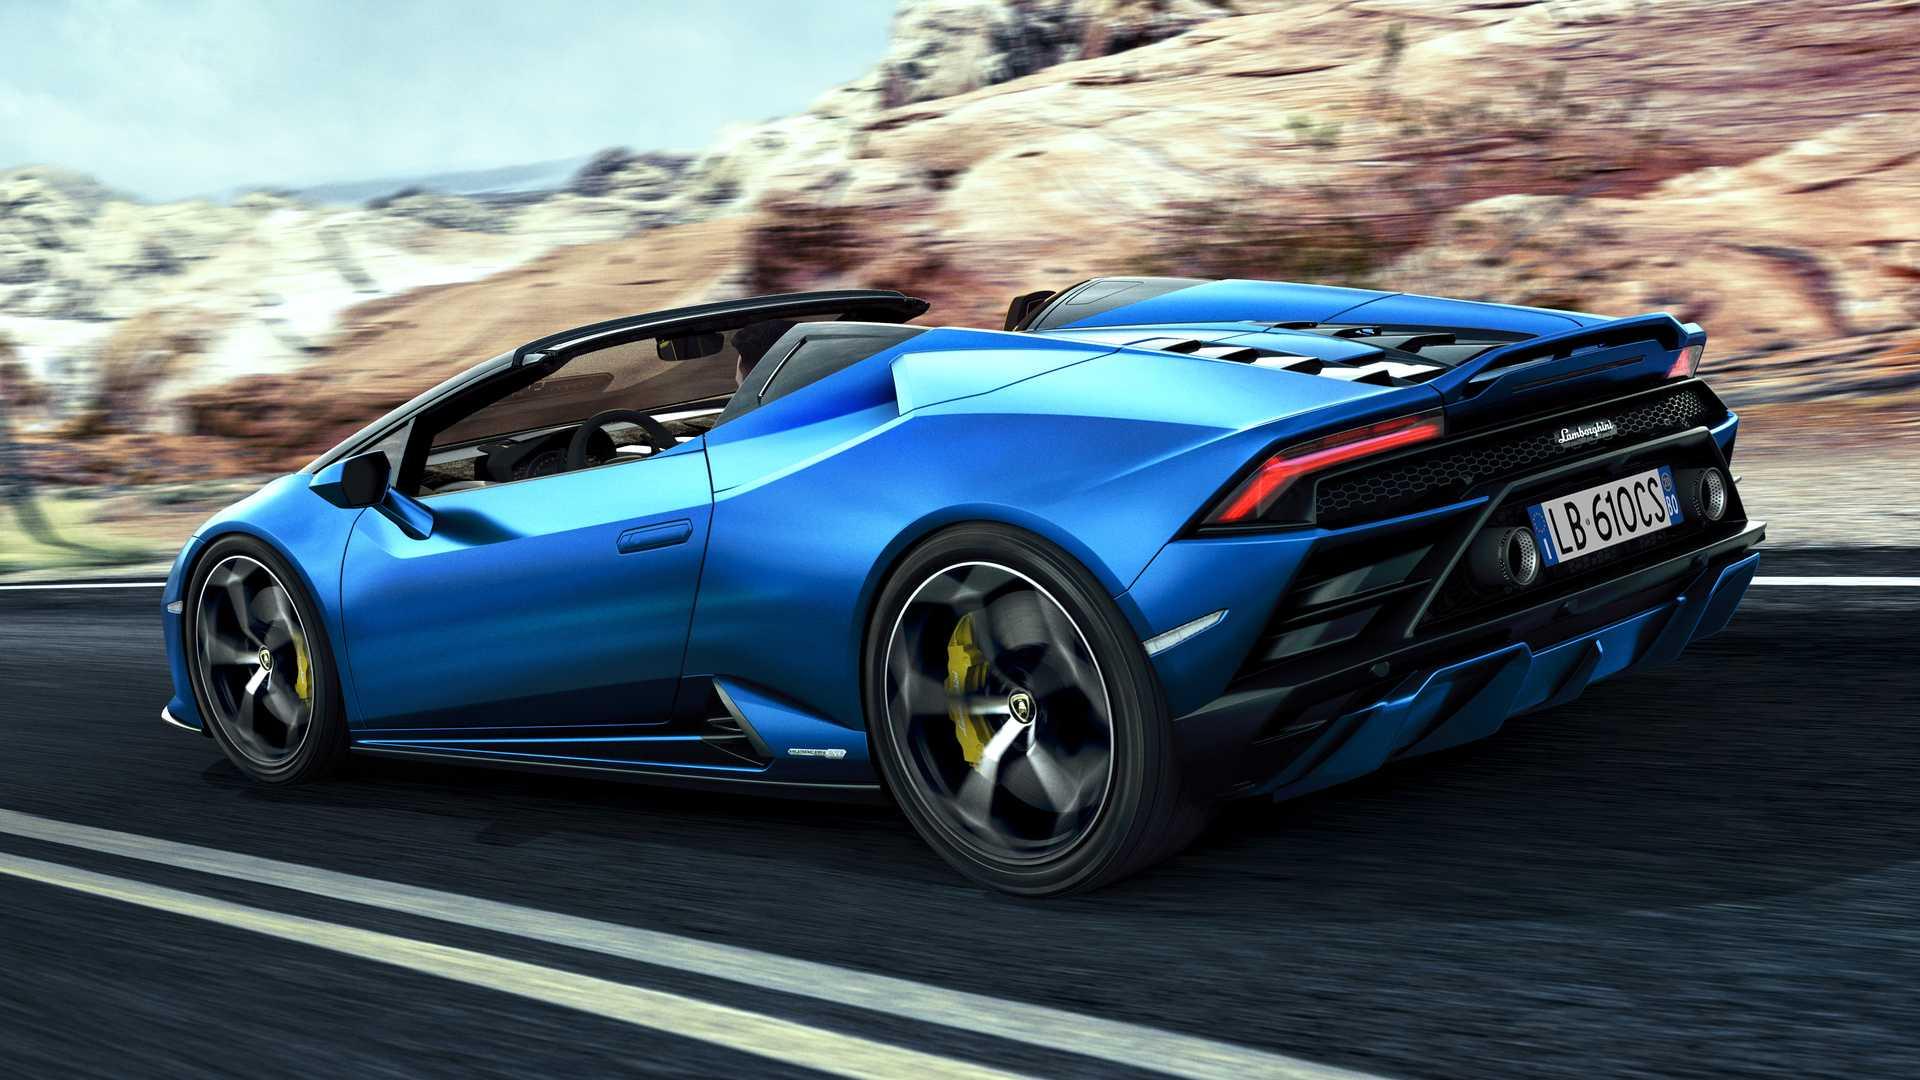 Lamborghini Huracán EVO RWD Spyder: 610 CV, trazione posteriore e vento tra i capelli